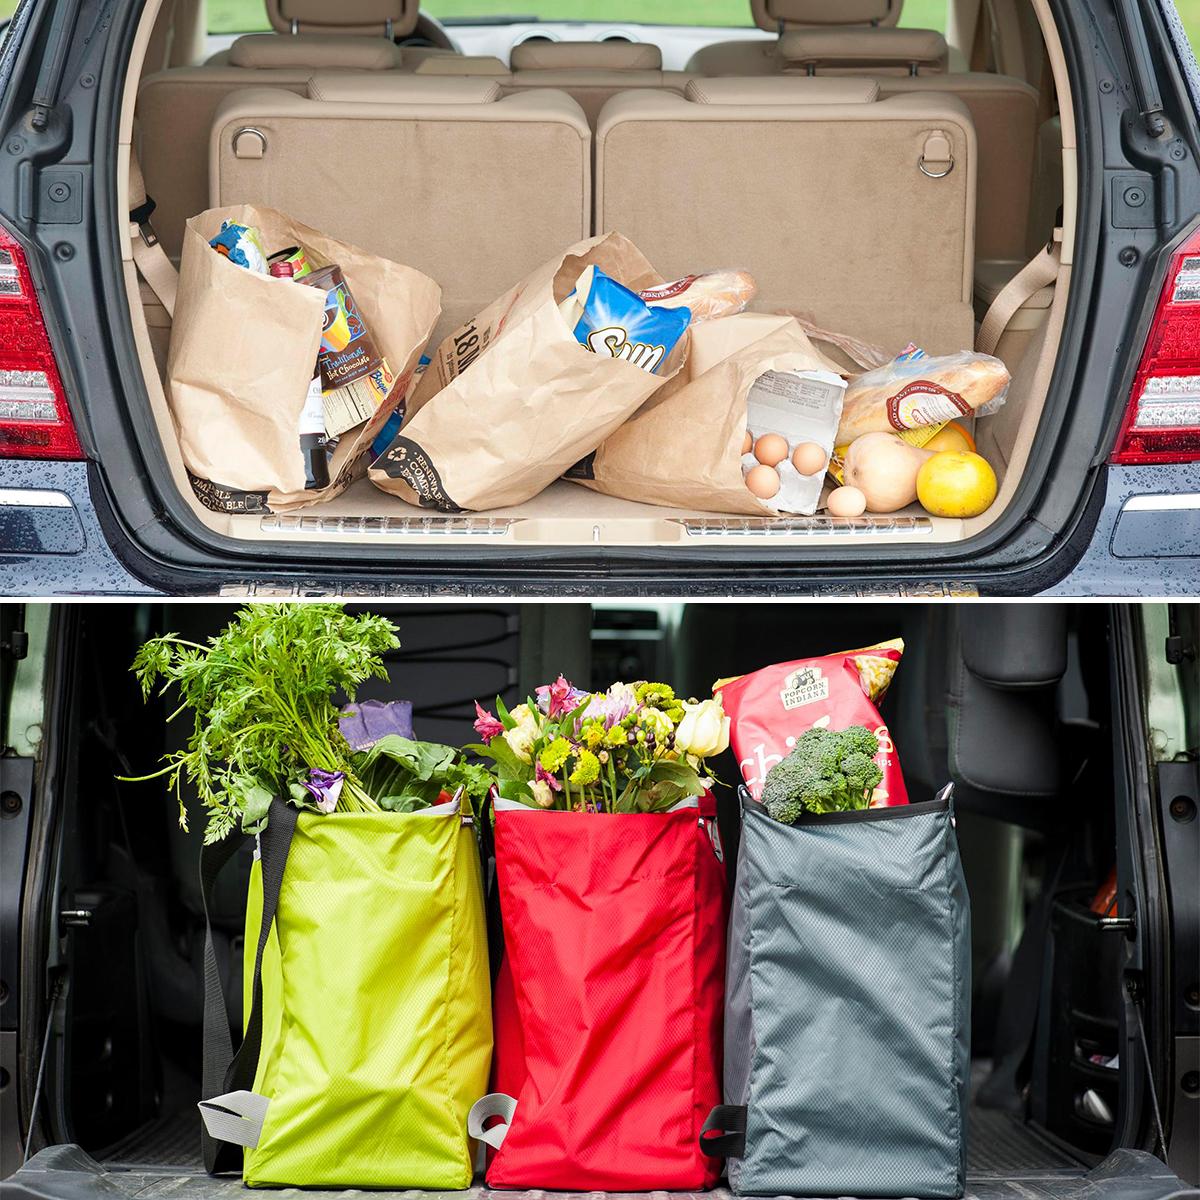 荷物がこぼれない。たためる金属フレーム入り!自立するから、柔らかいパンや葉物野菜、花を潰さない「箱型エコバッグ」|ADK Packworks